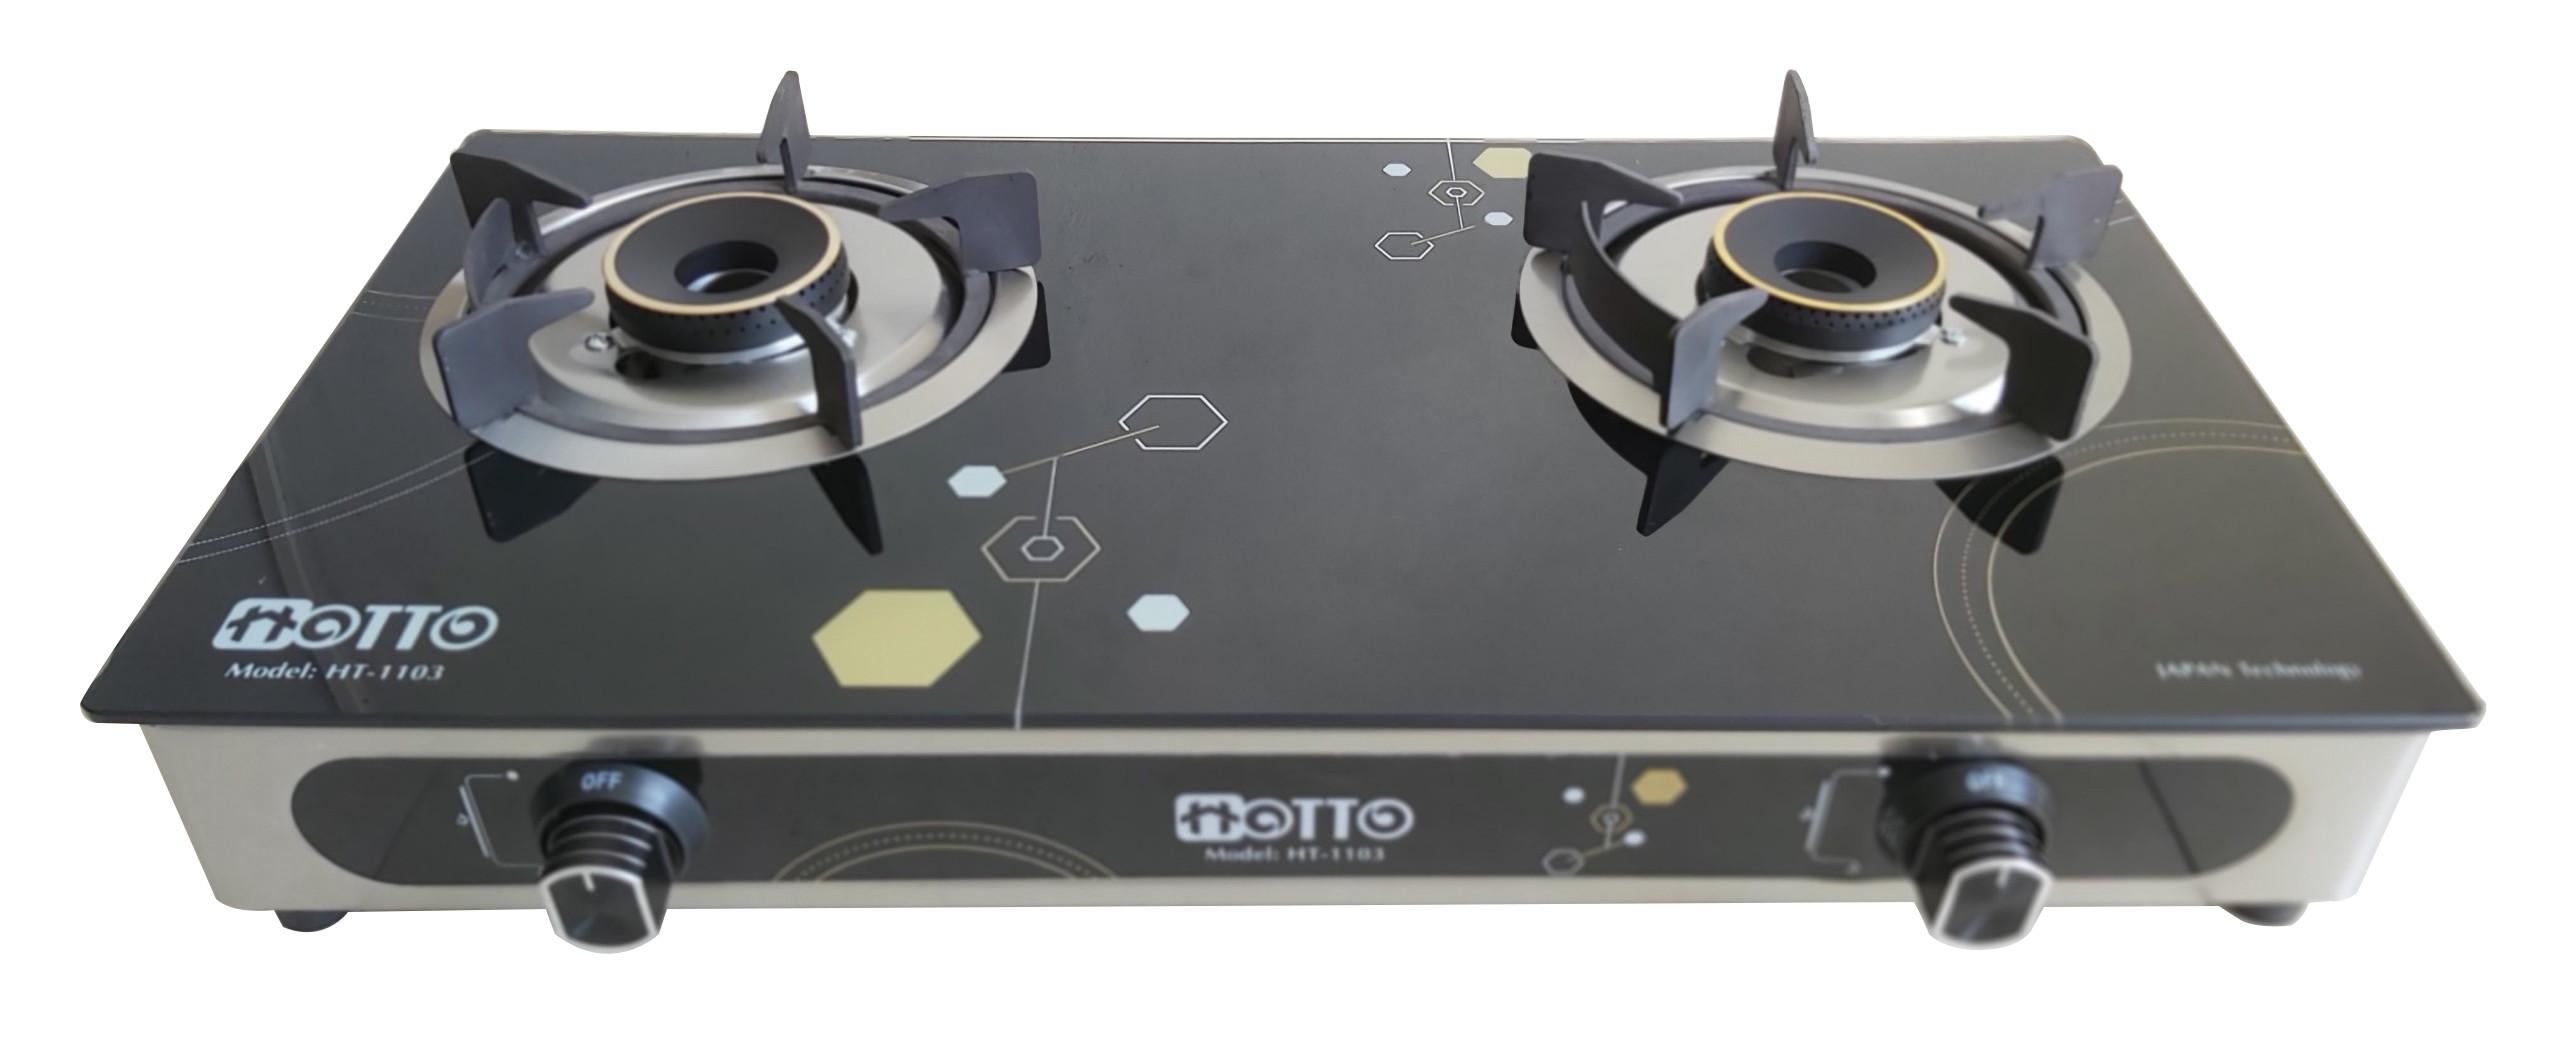 Bếp gas dương kính HOTTO model HT-1105